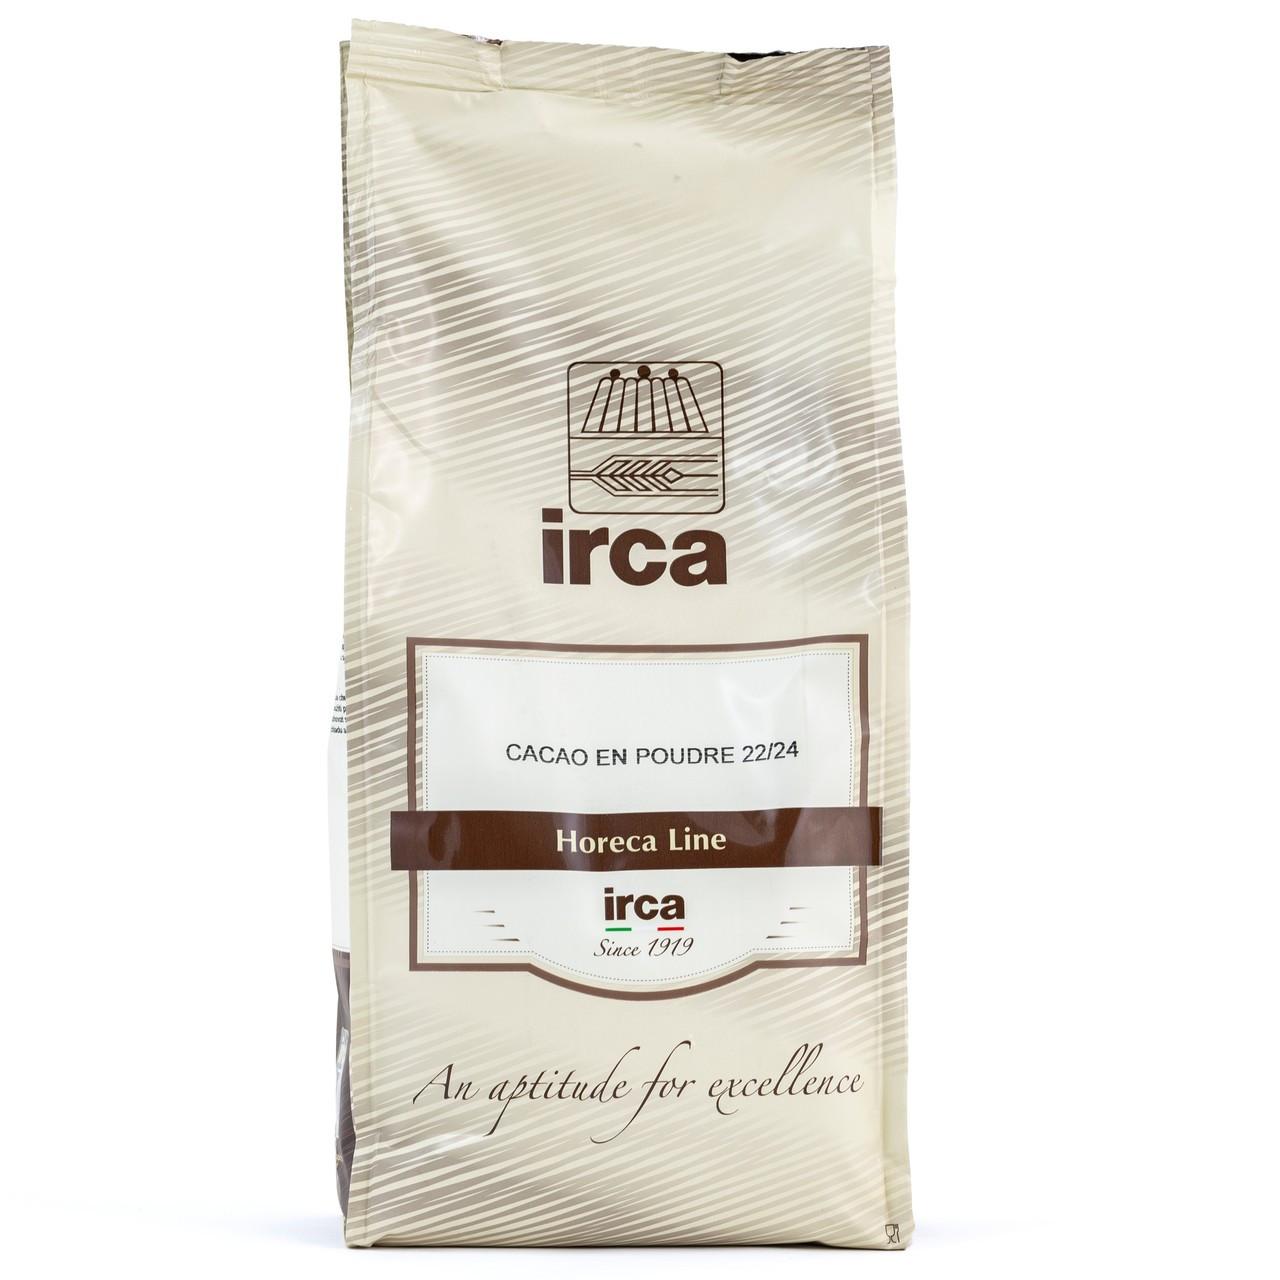 Irca Cocoa Powder 22-24% - 1kg